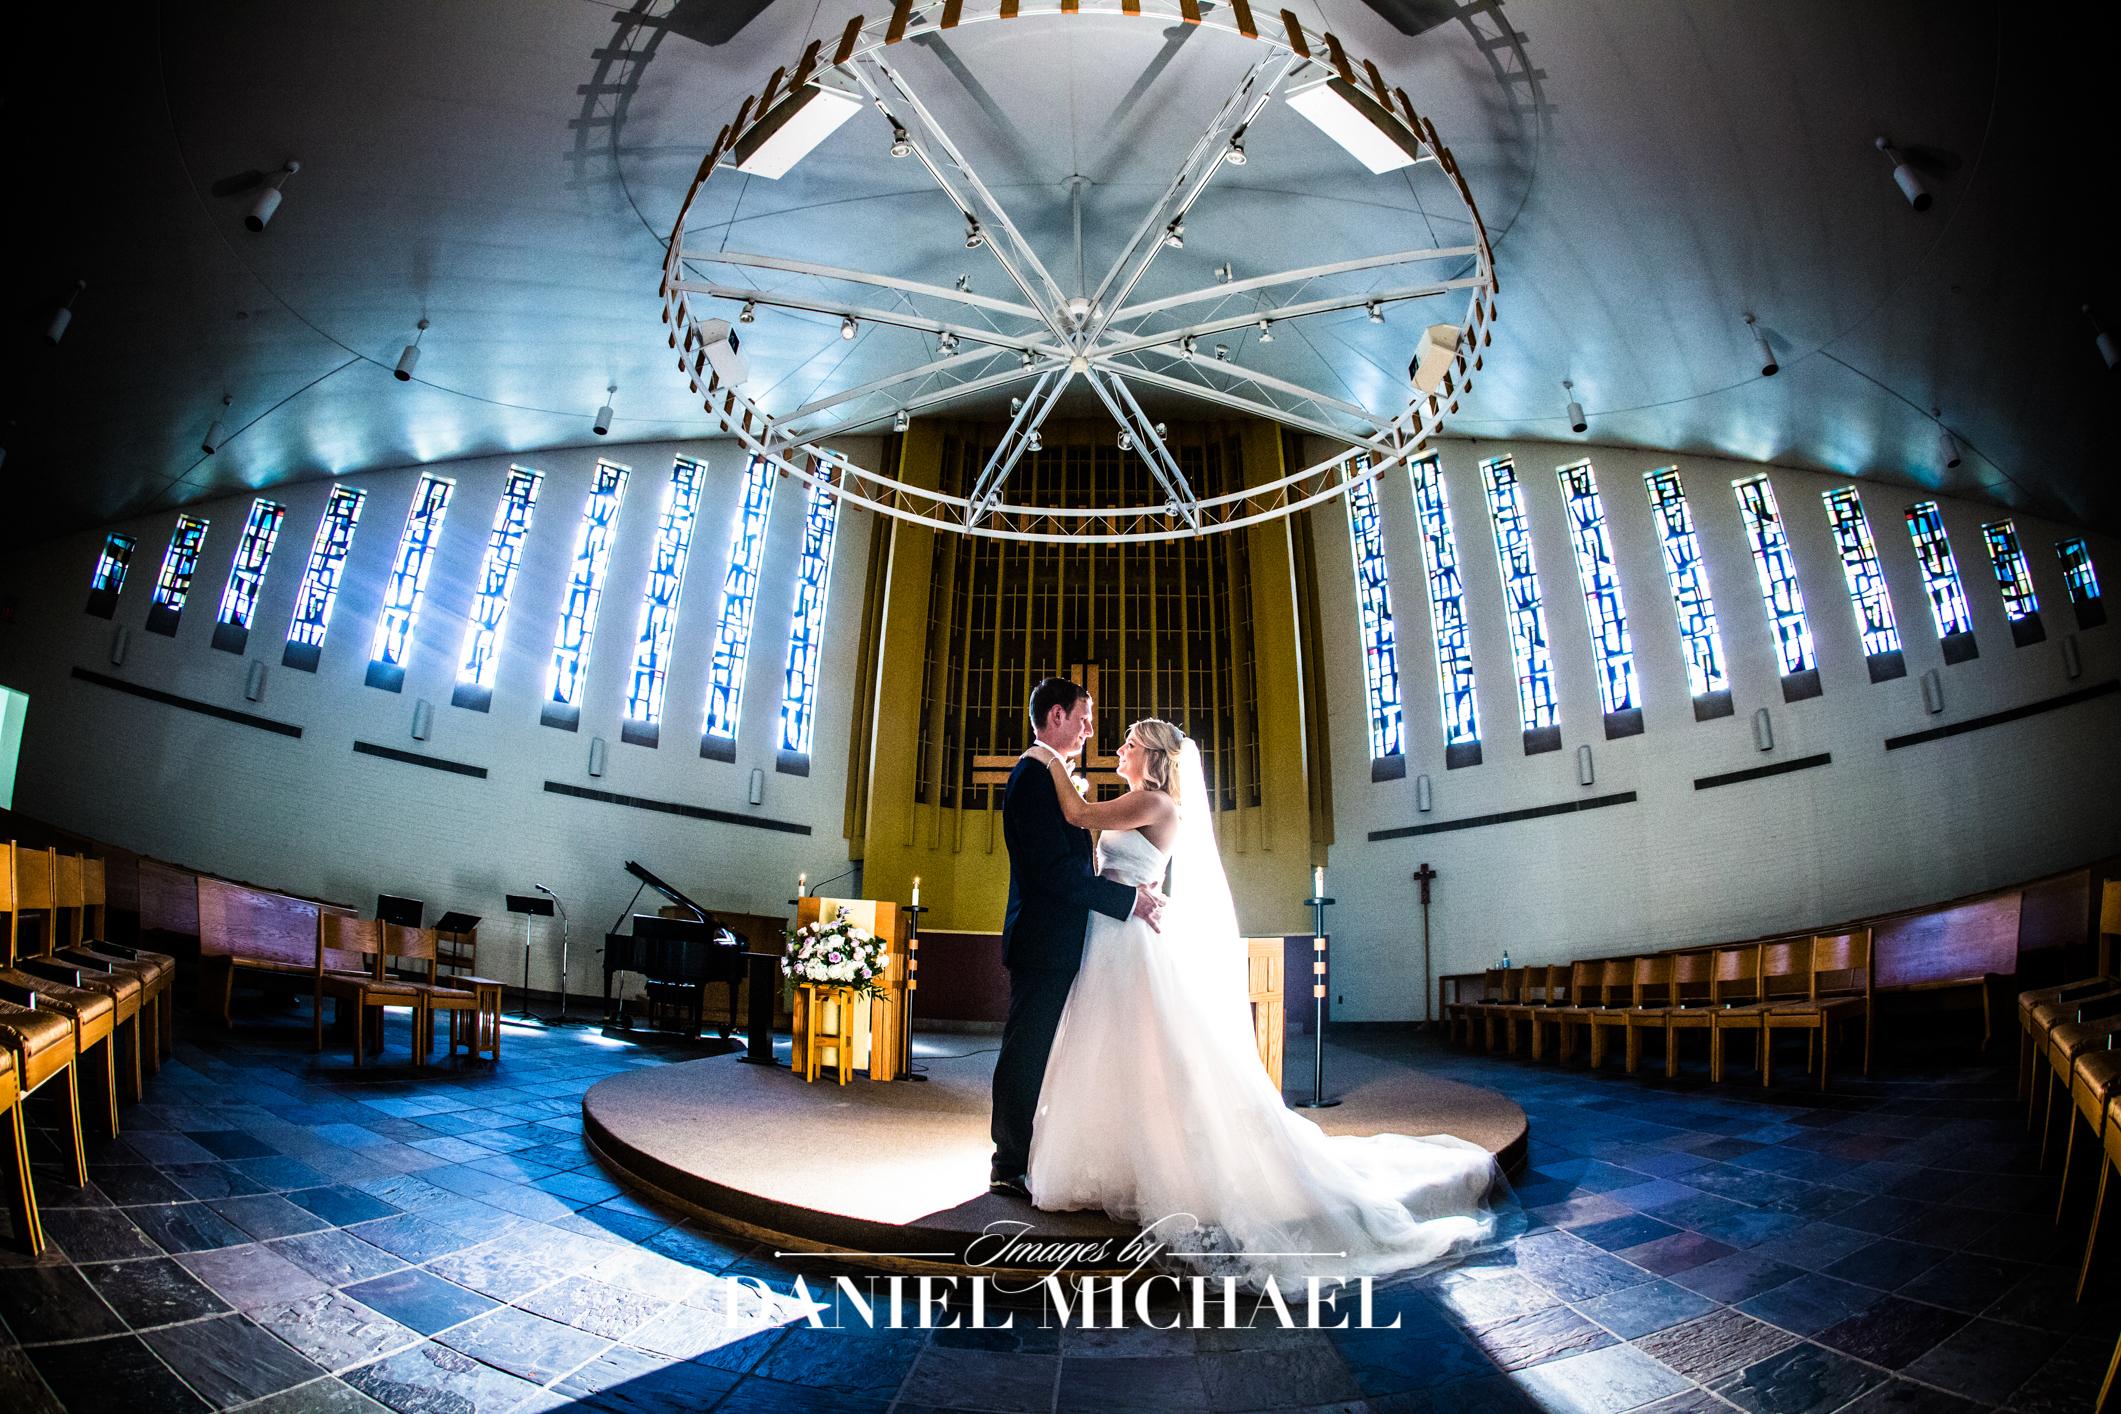 Bellarmine Chapel Xavier Photography Venue Ceremony Wedding